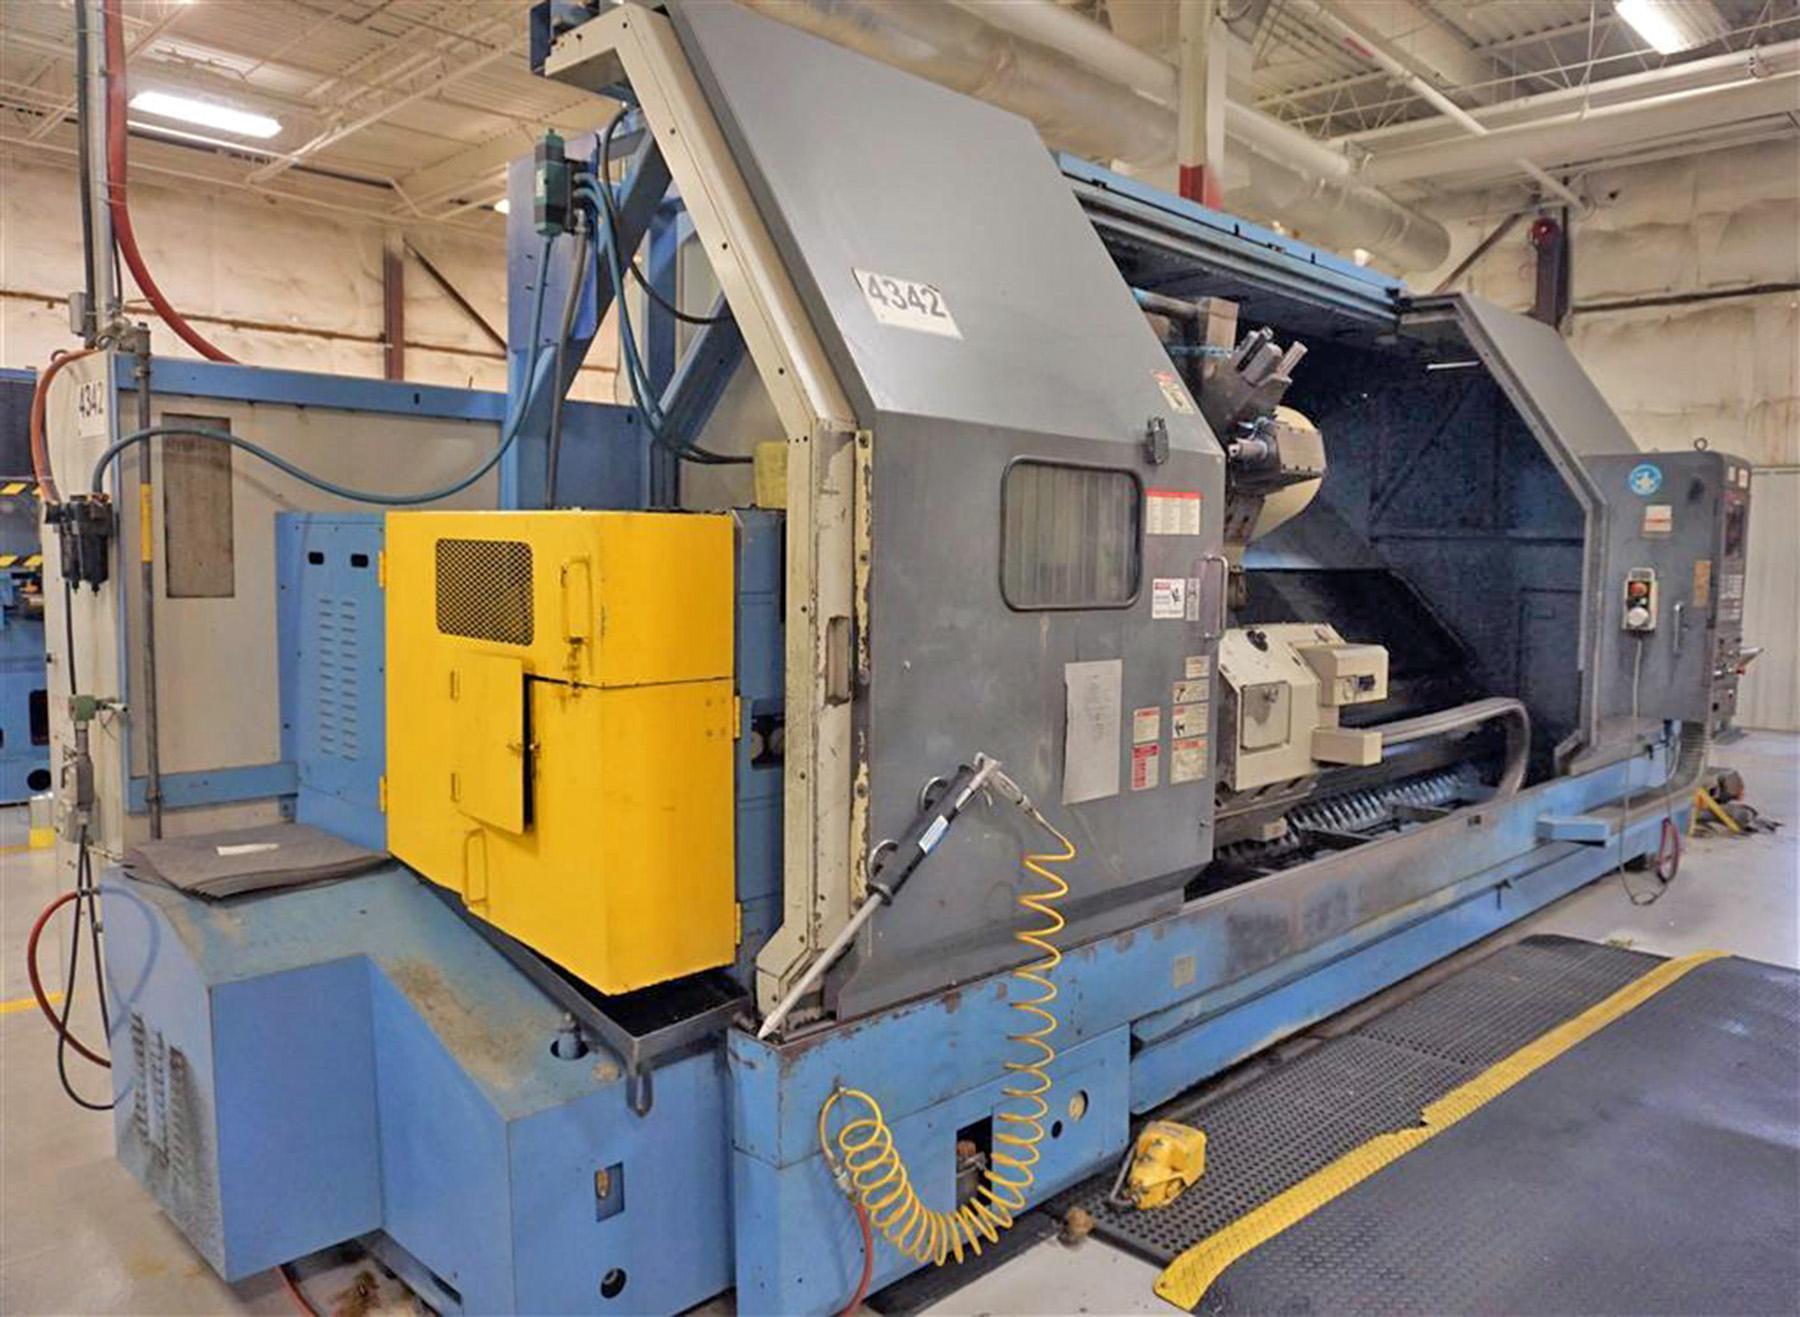 USED, MAZAK SLANT TURN 60NX-3000U CNC LATHE